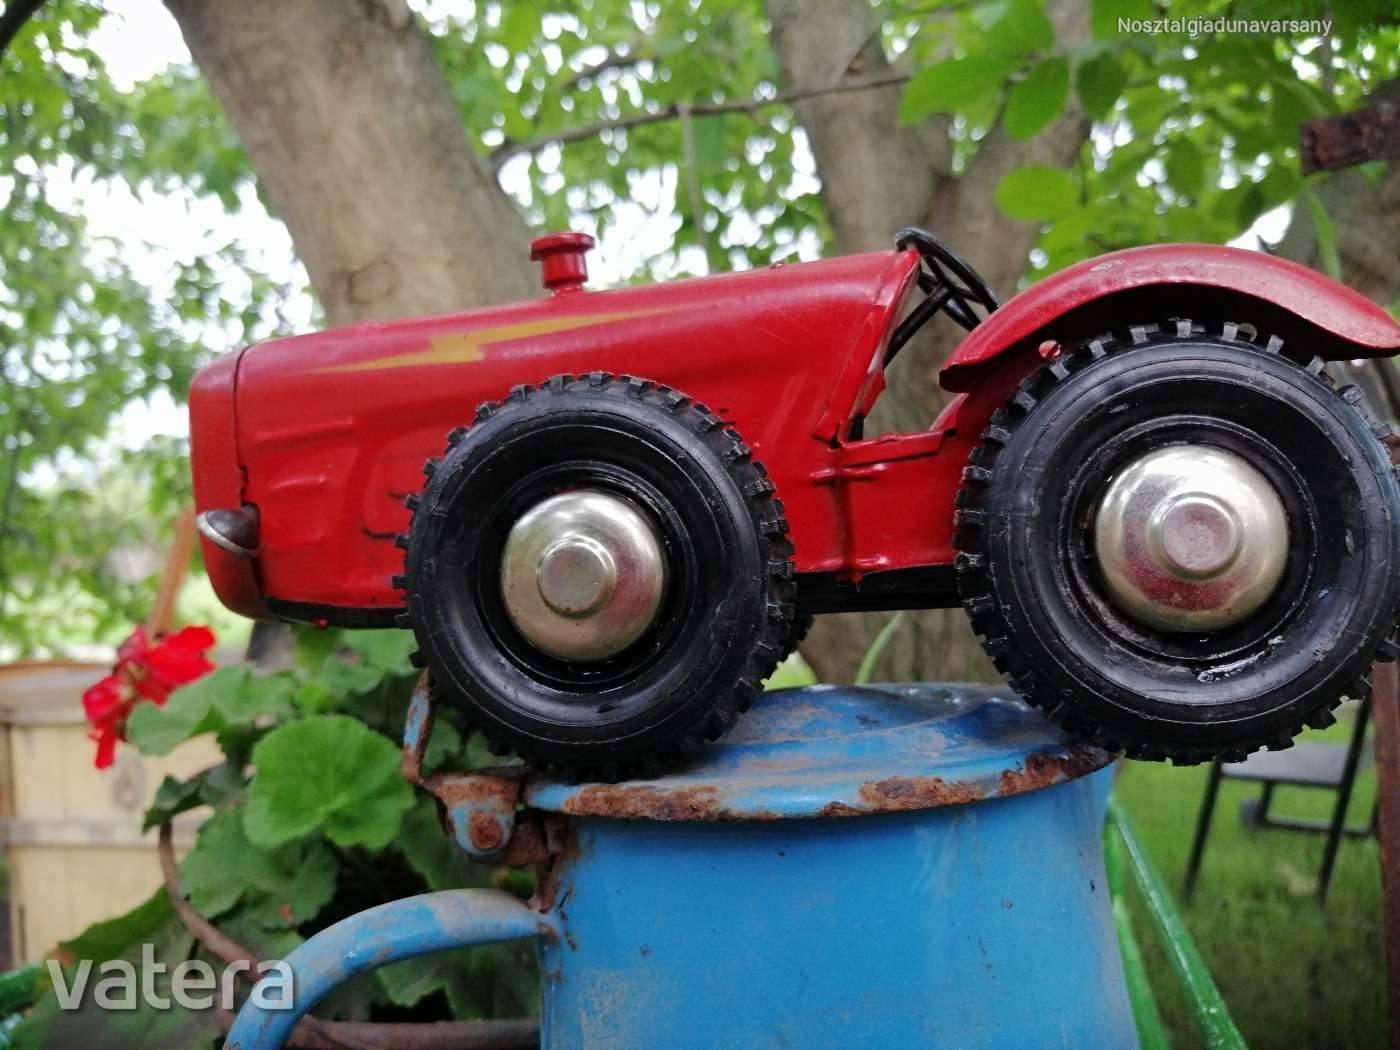 dutra-lemez-jatek-traktor-08ea_1_big.jpg